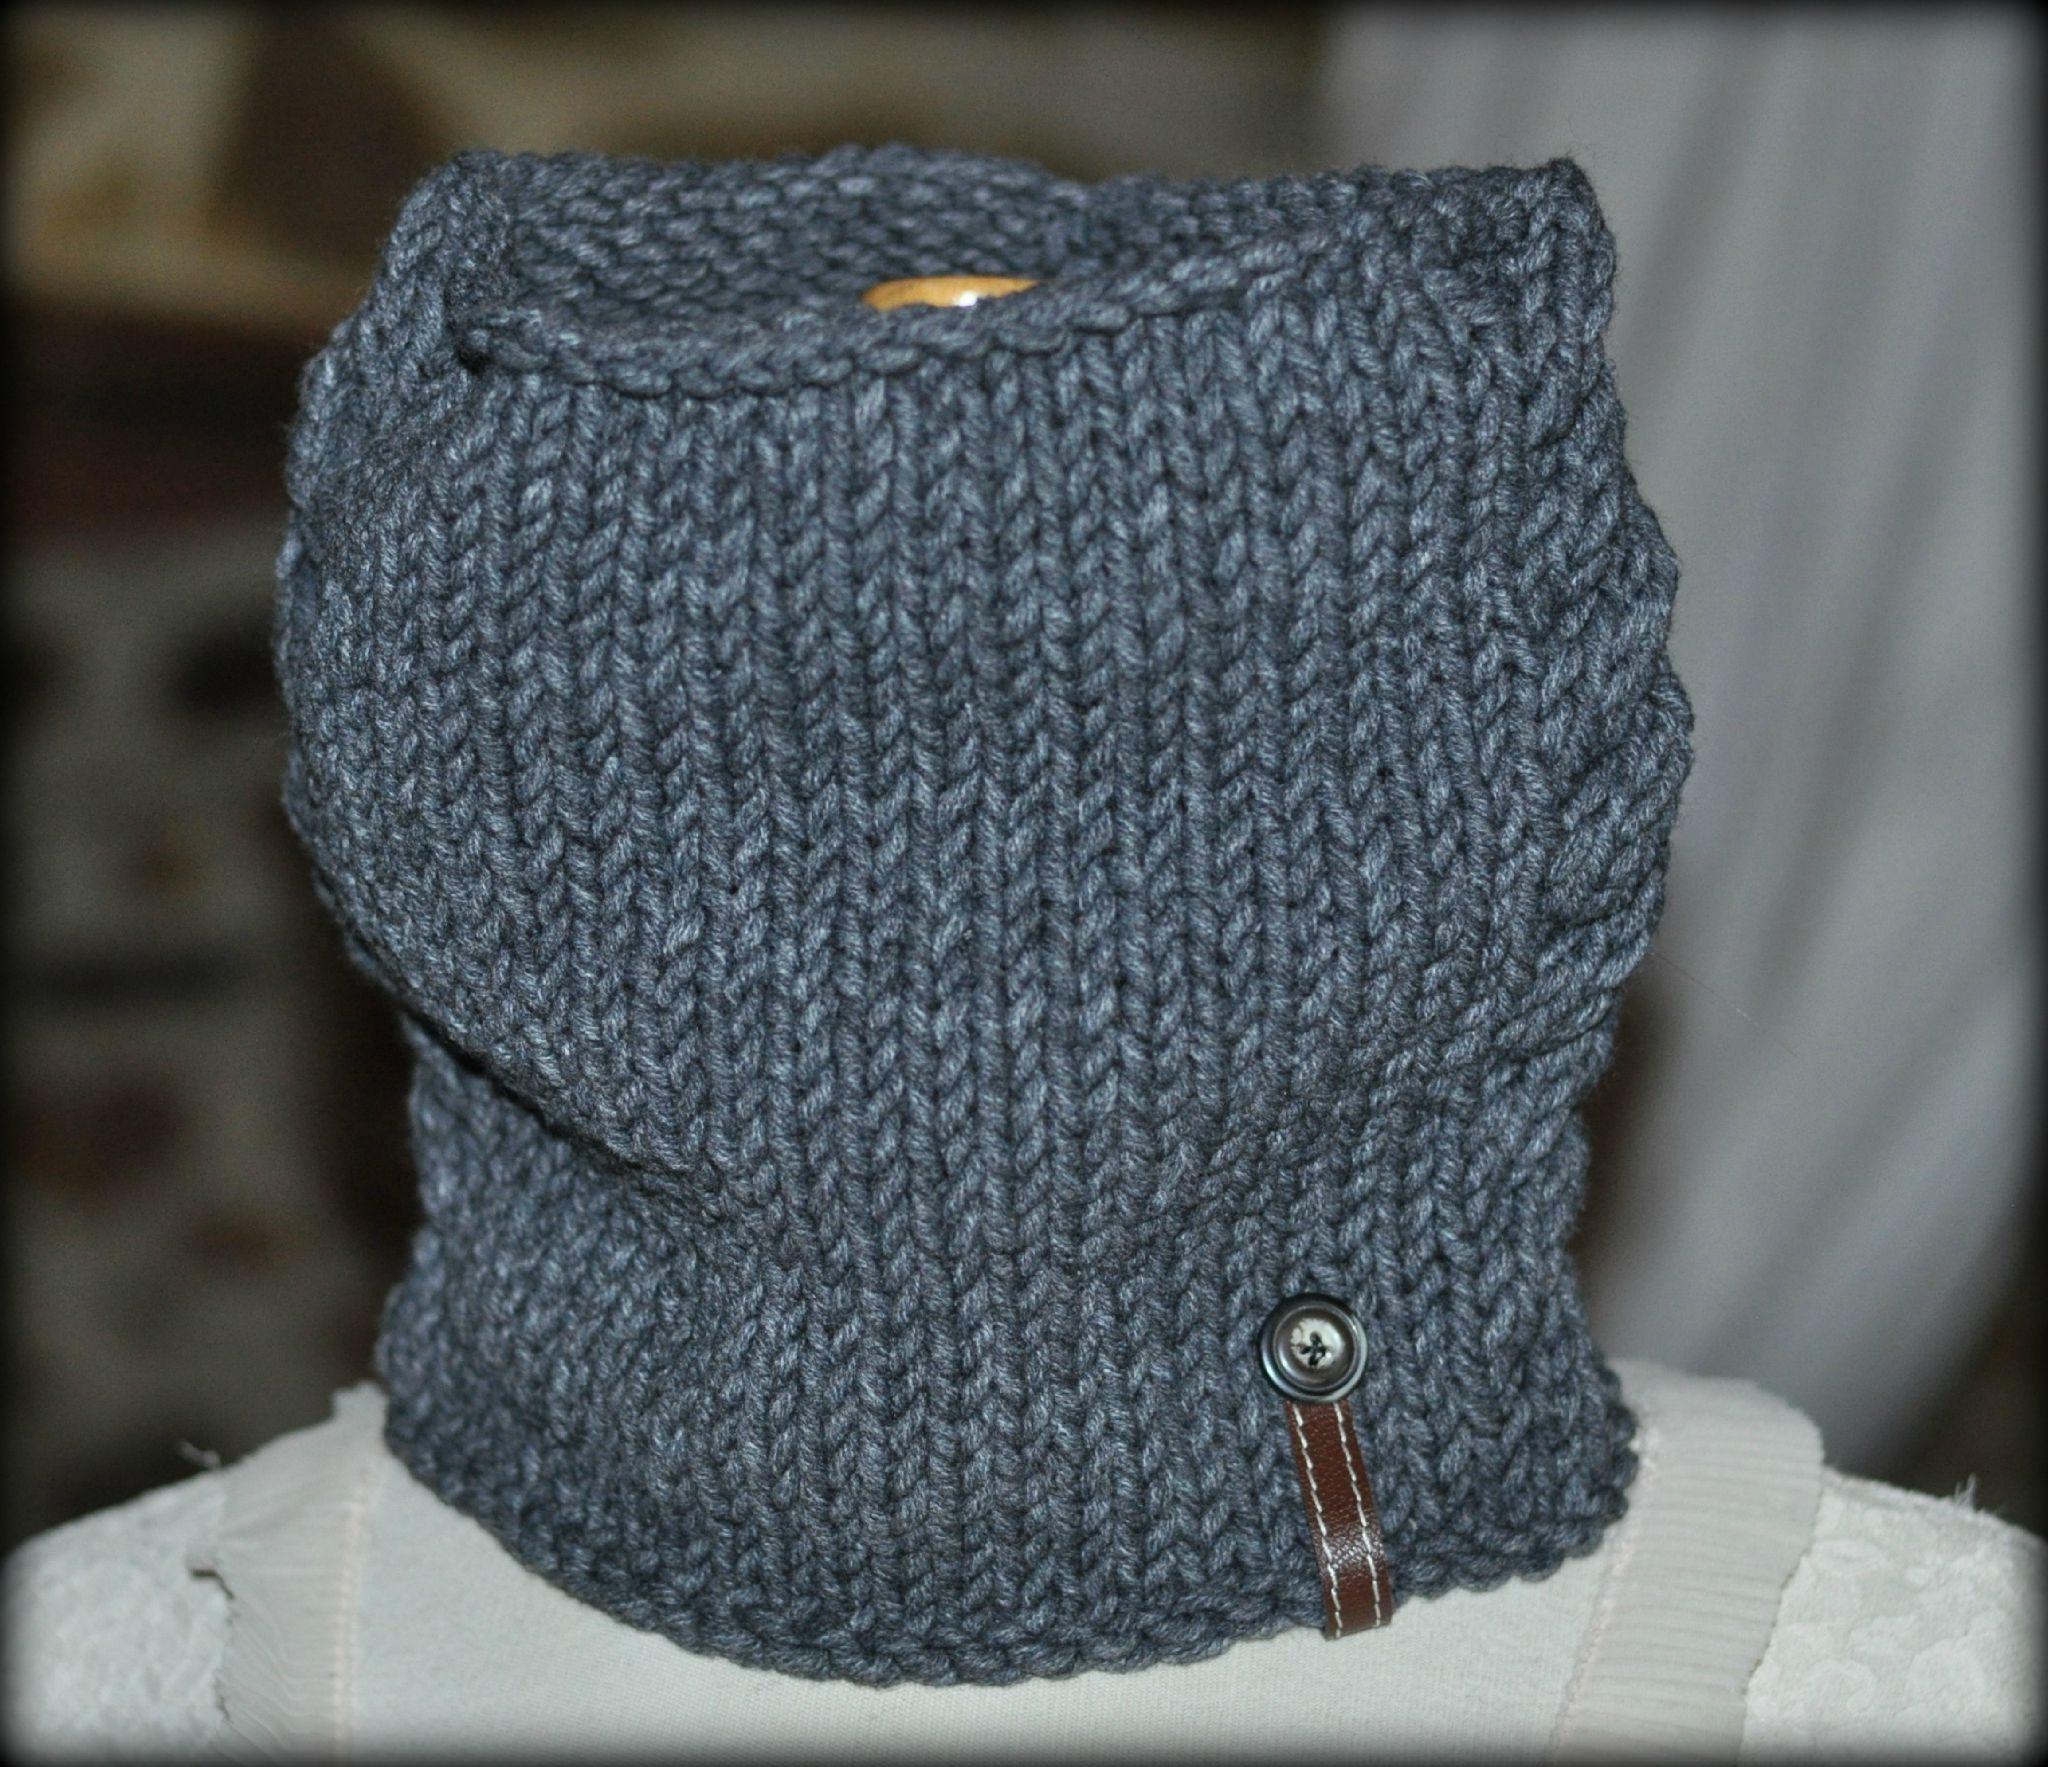 tricoter un tour de cou homme point lisieres pinterest. Black Bedroom Furniture Sets. Home Design Ideas